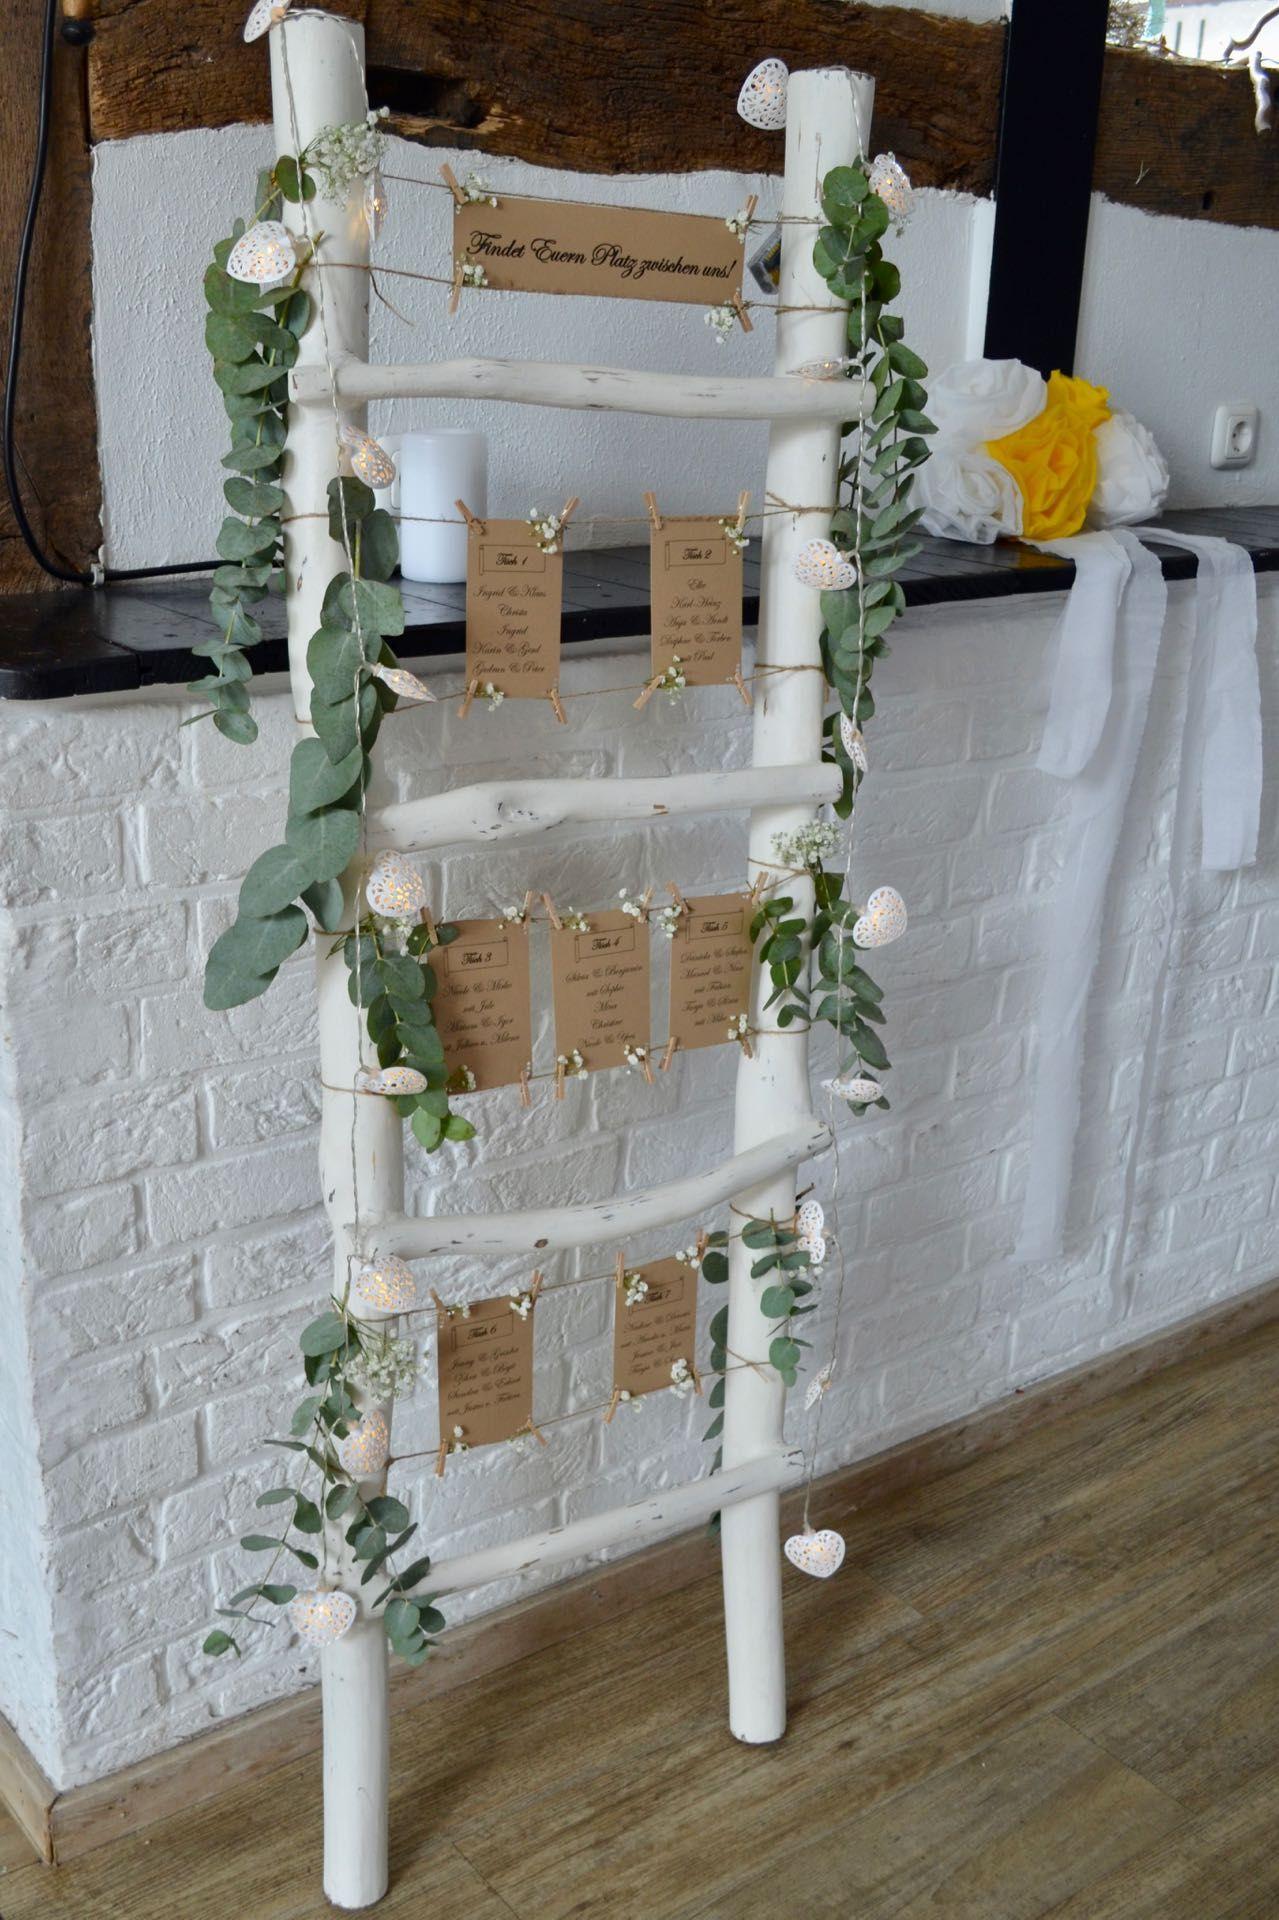 139 ideas para la decoración de tu boda: las inspiraciones más bellas desde la ceremonia de la boda hasta la decoración de la mesa: pequeña lila